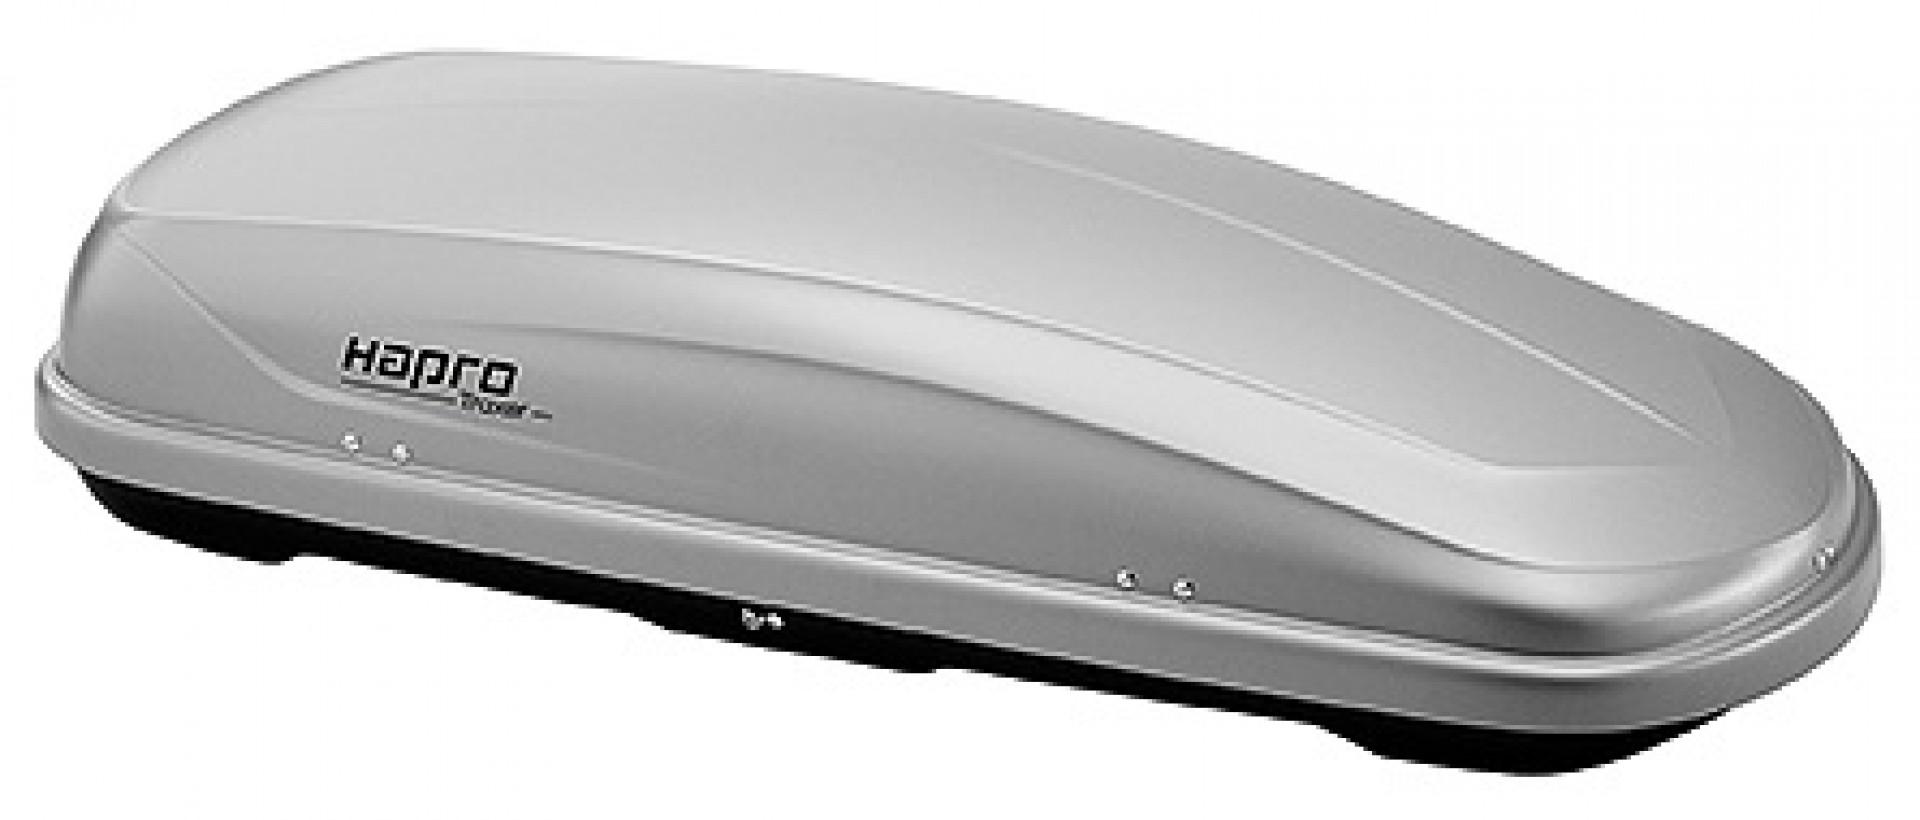 Багажный бокс Hapro Traxer 5.6 Silver-Grey HP 25901